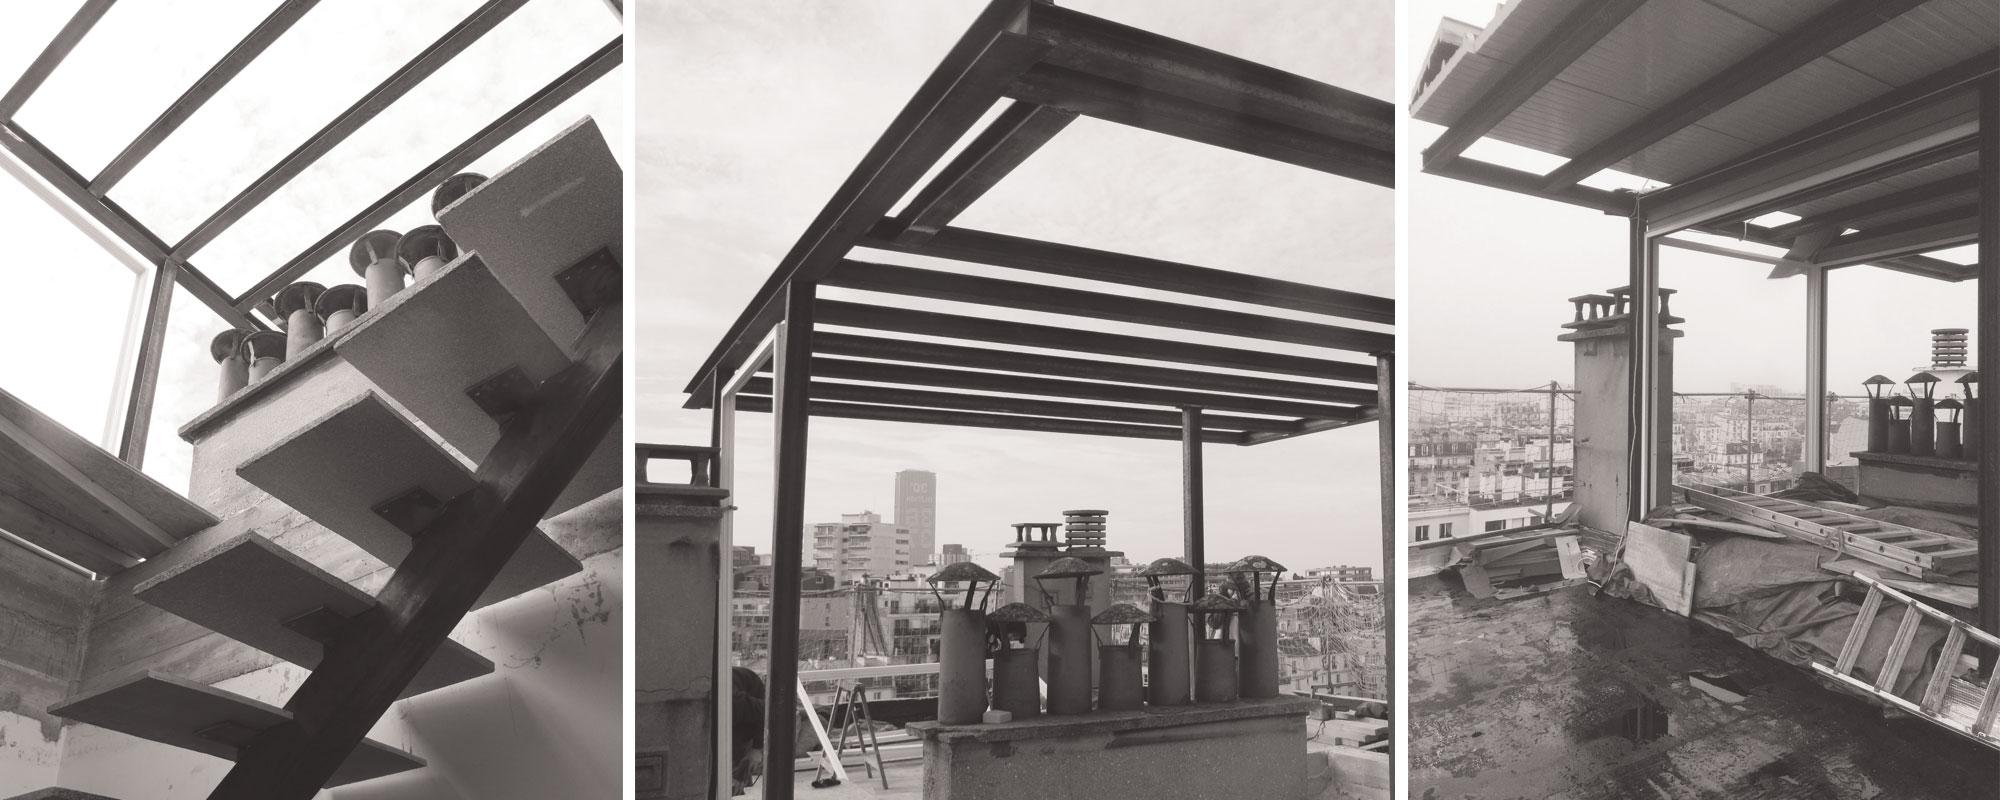 Le projet comment investir la toiture terrasse de son for Edicule toiture terrasse